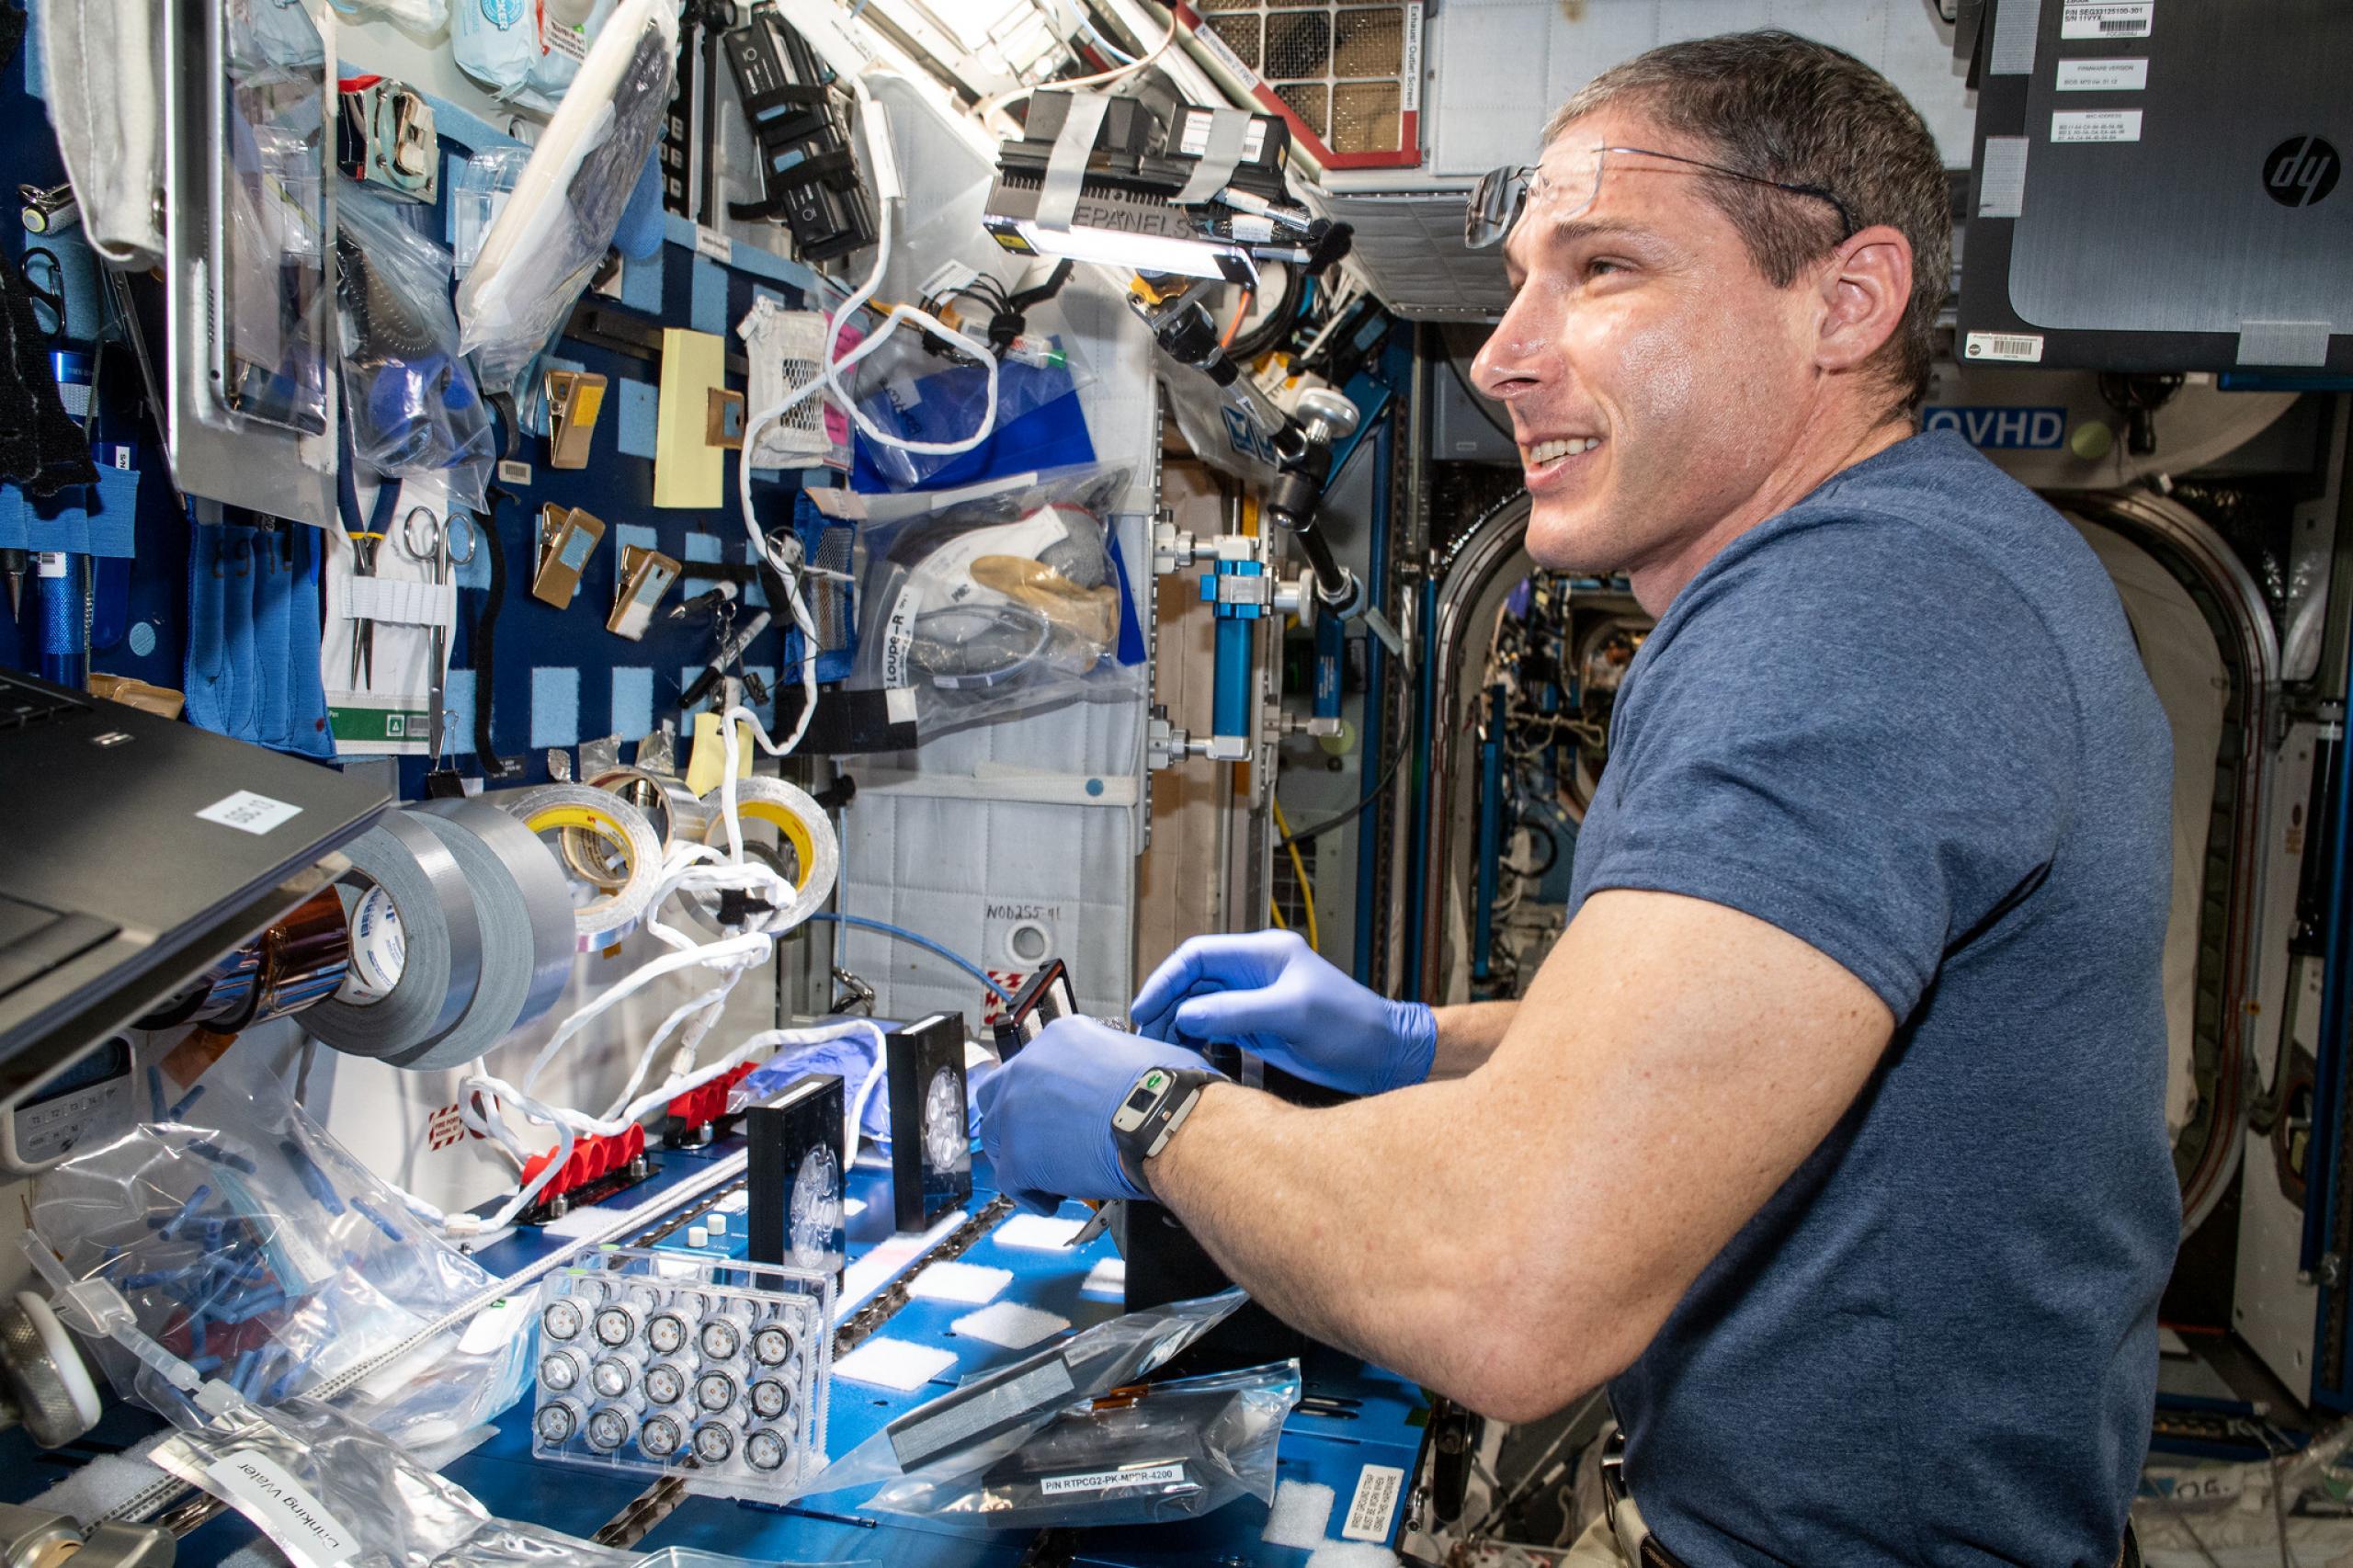 imagen de astronauta con componentes